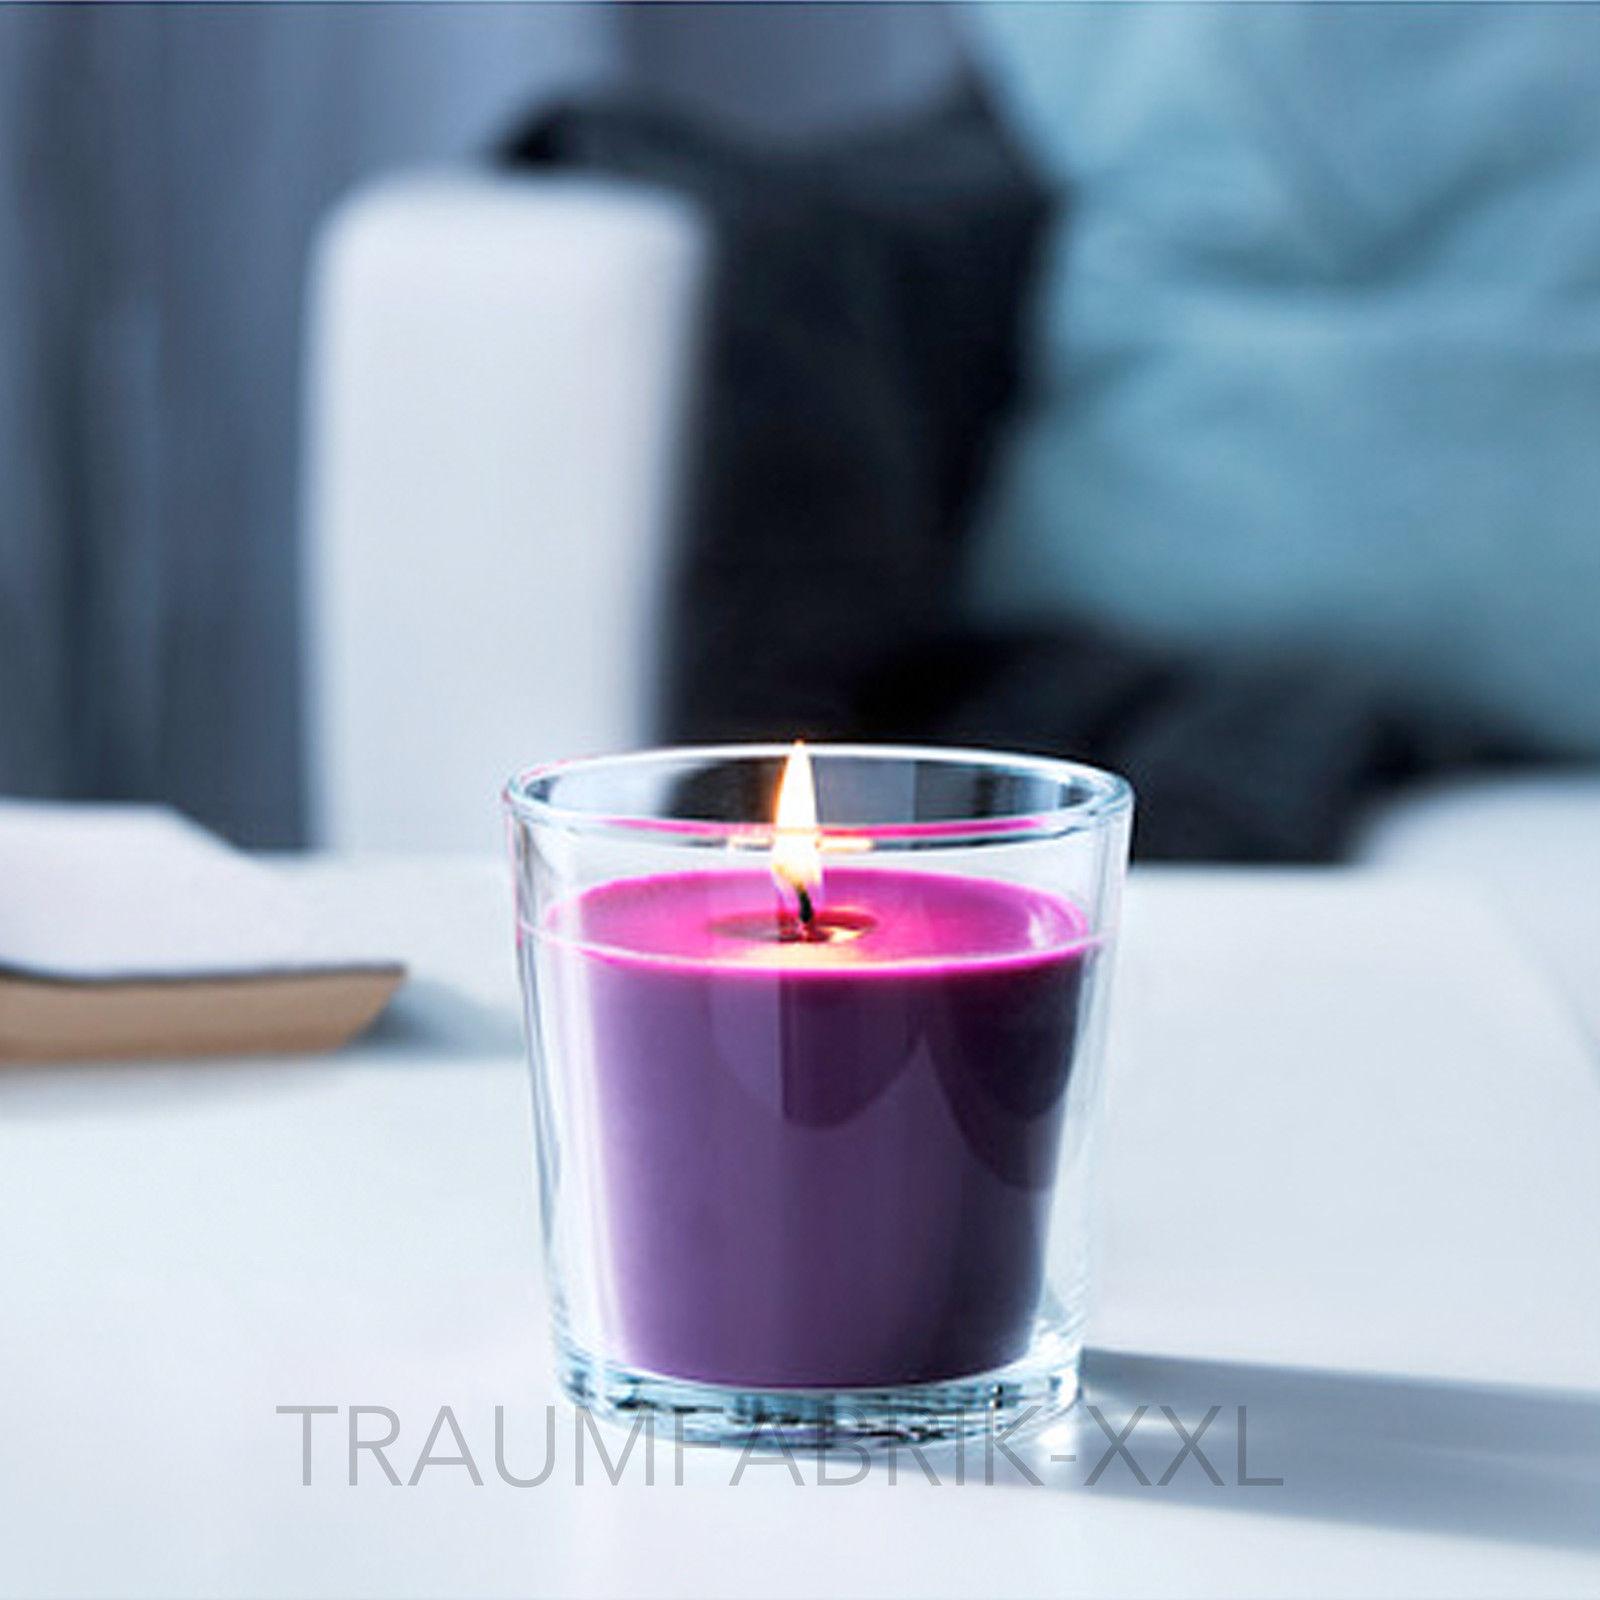 ikea duftkerze kerze im glas aroma 25 std brenndauer bl tenduft lila bl te neu traumfabrik xxl. Black Bedroom Furniture Sets. Home Design Ideas